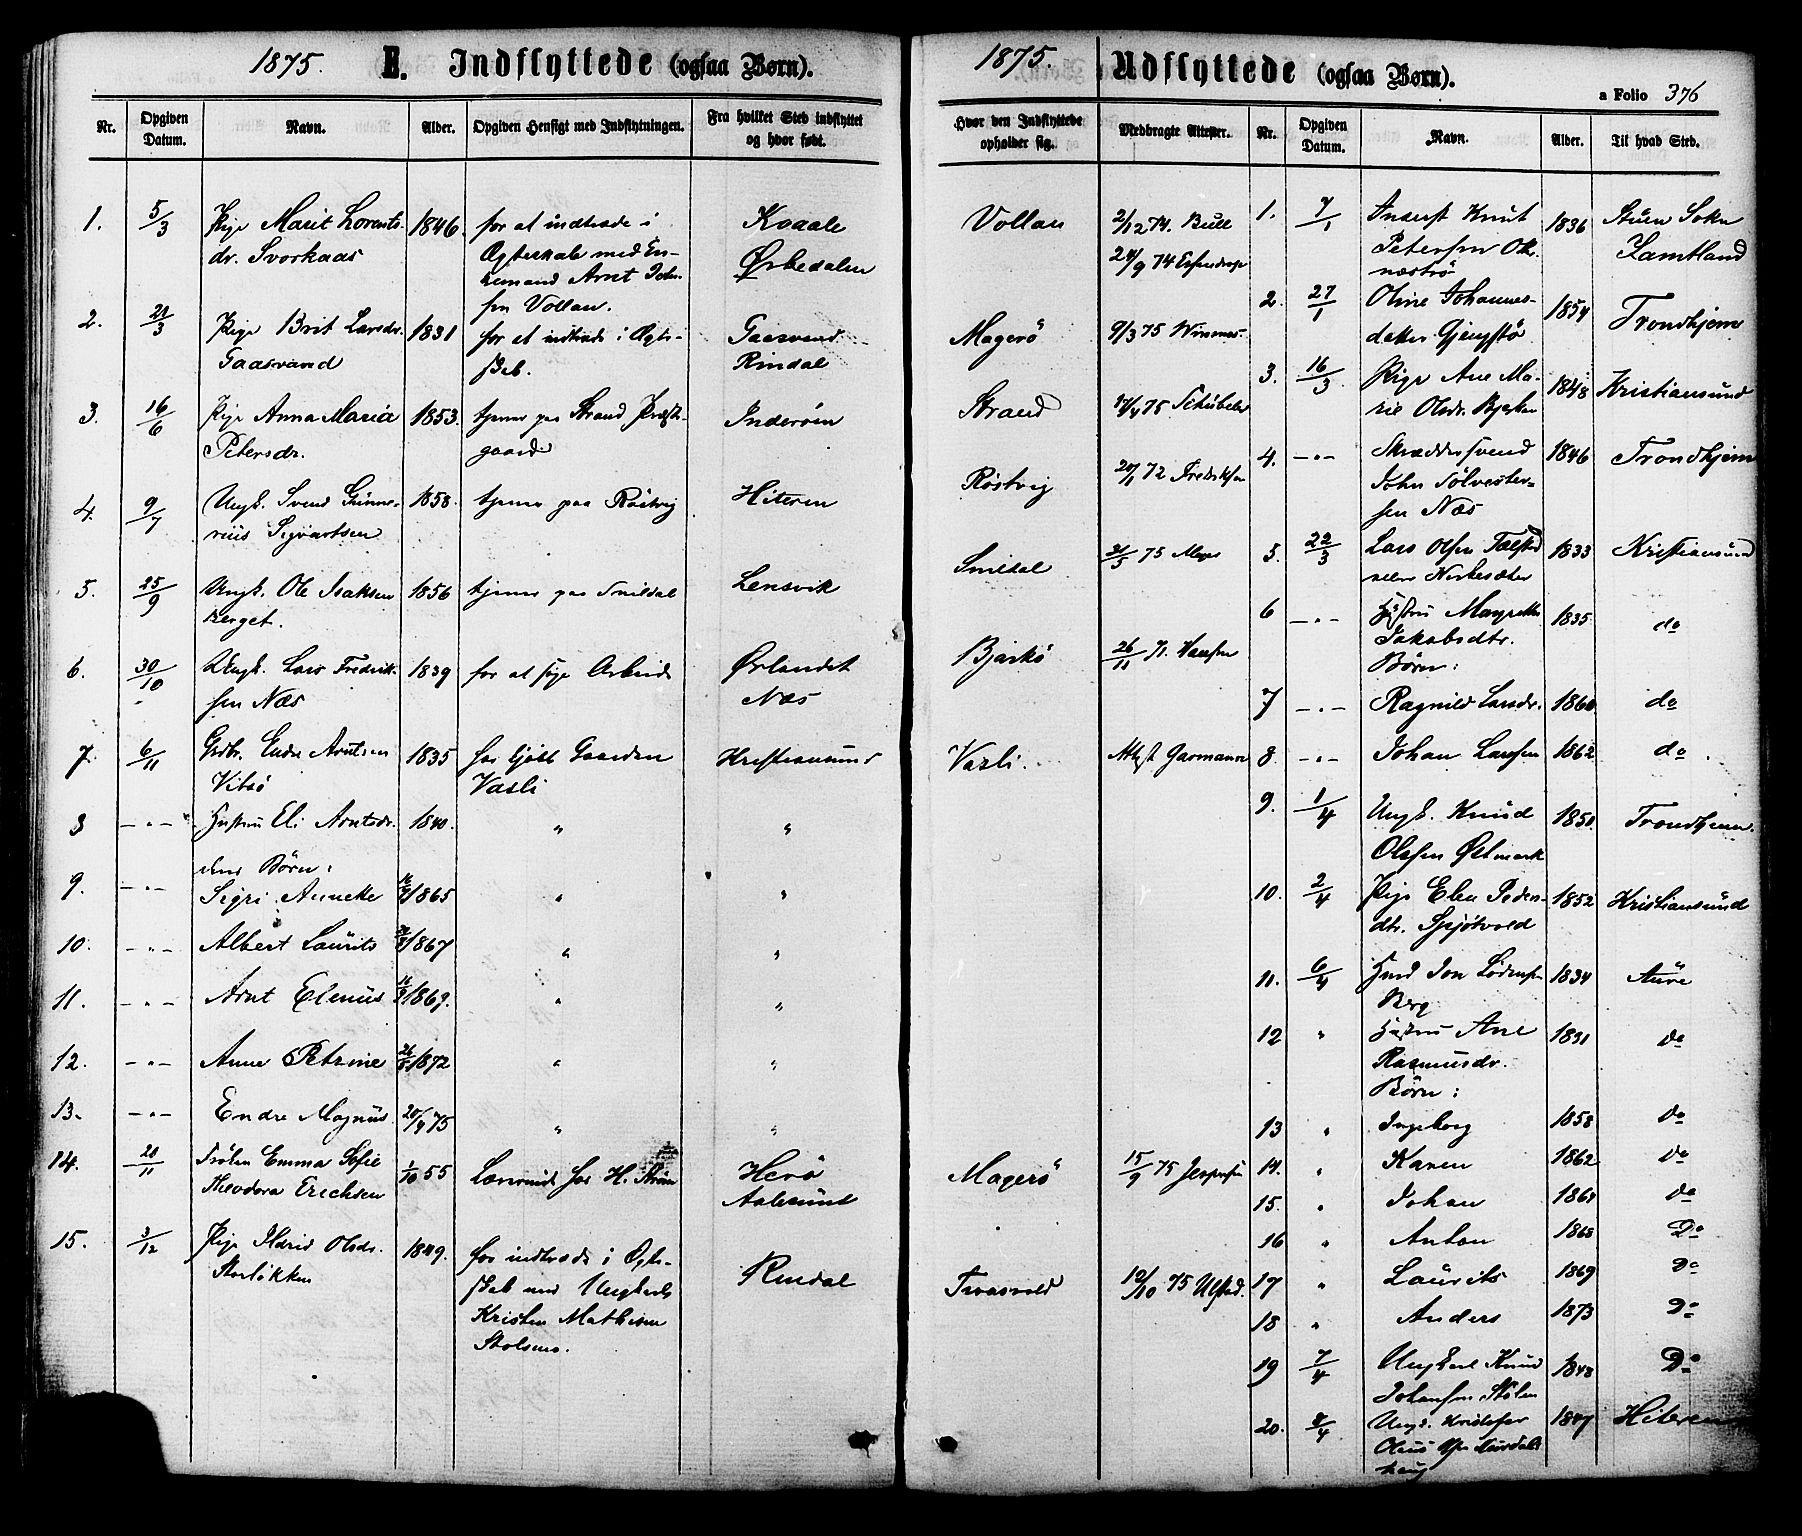 SAT, Ministerialprotokoller, klokkerbøker og fødselsregistre - Sør-Trøndelag, 630/L0495: Ministerialbok nr. 630A08, 1868-1878, s. 376